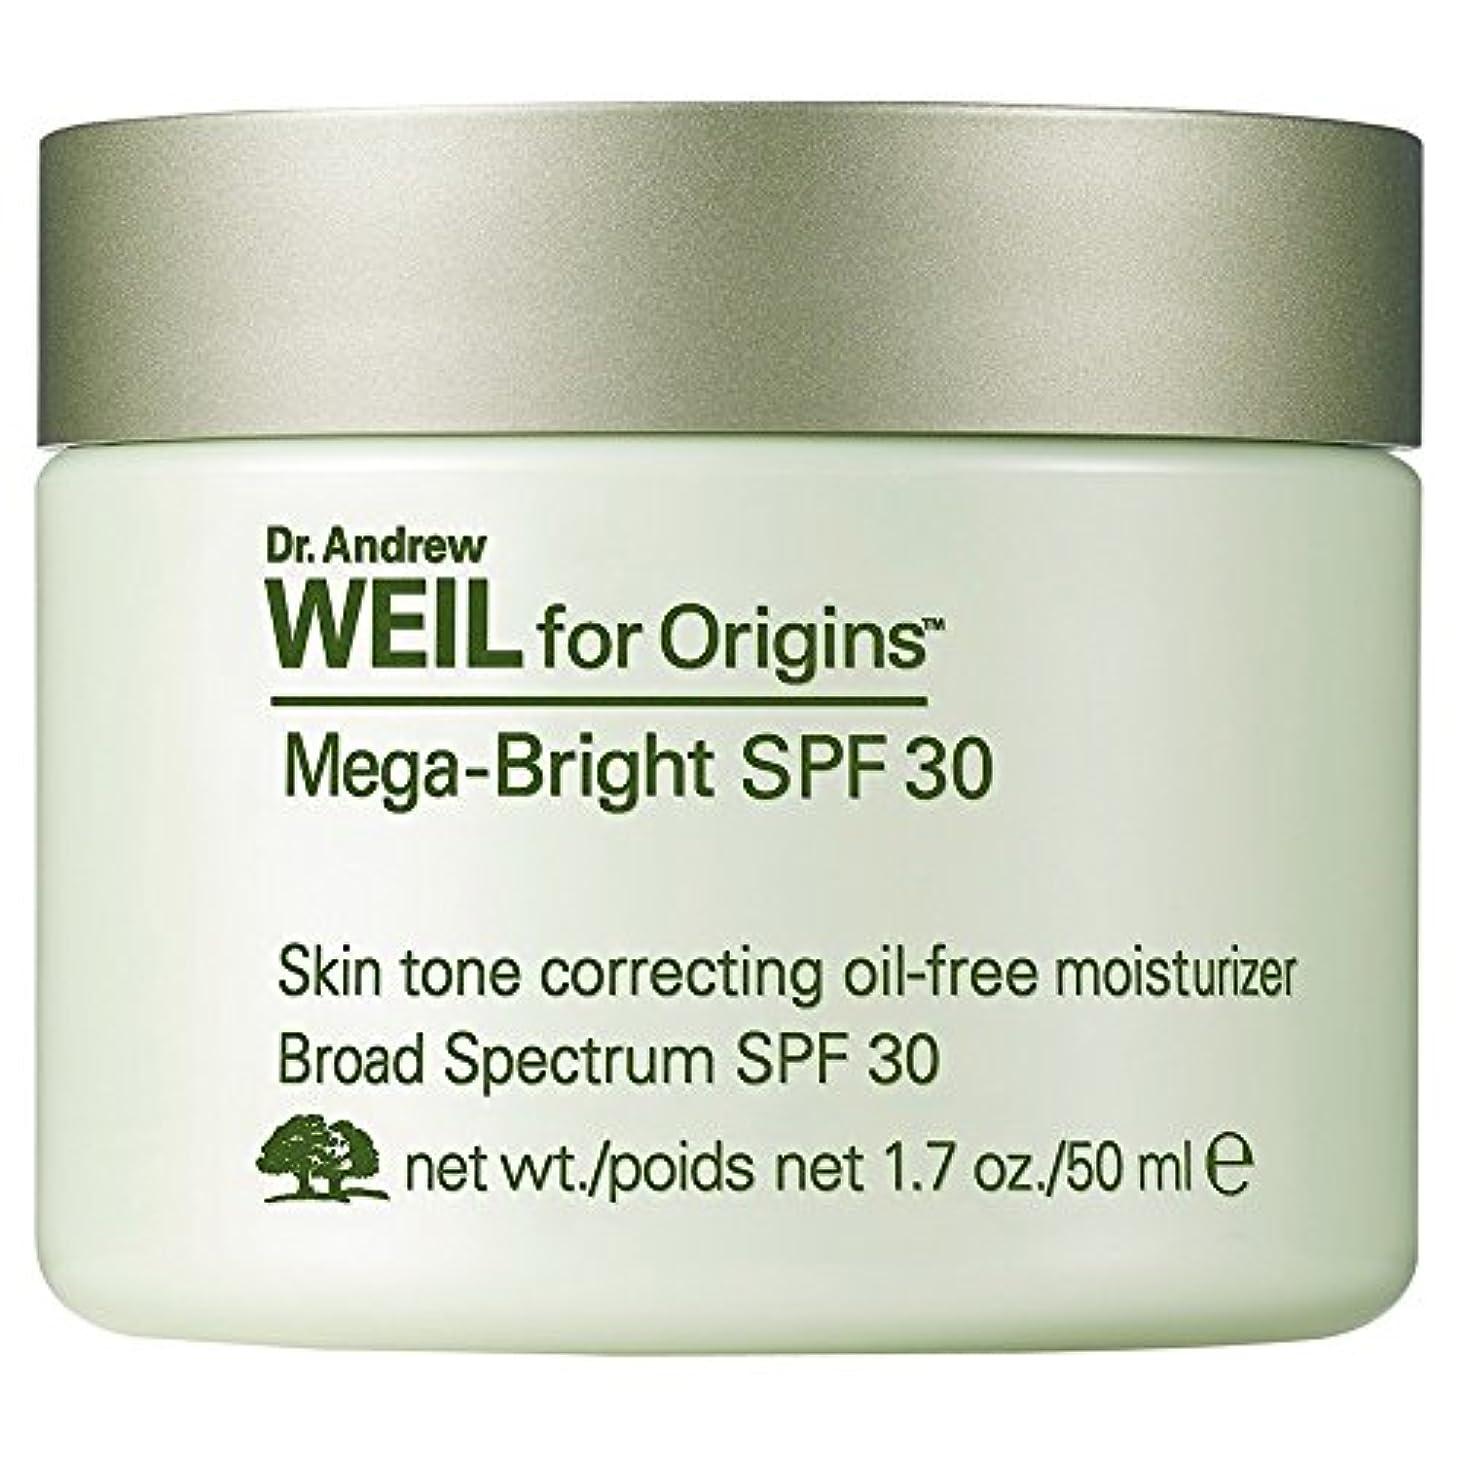 誇張する飛ぶずんぐりしたDr。保湿、50ミリリットルの補正アンドルー?ワイルメガブライトSpf30の肌のトーン (Origins) (x2) - Dr. Andrew Weil Mega-Bright SPF30 Skin Tone Correcting...